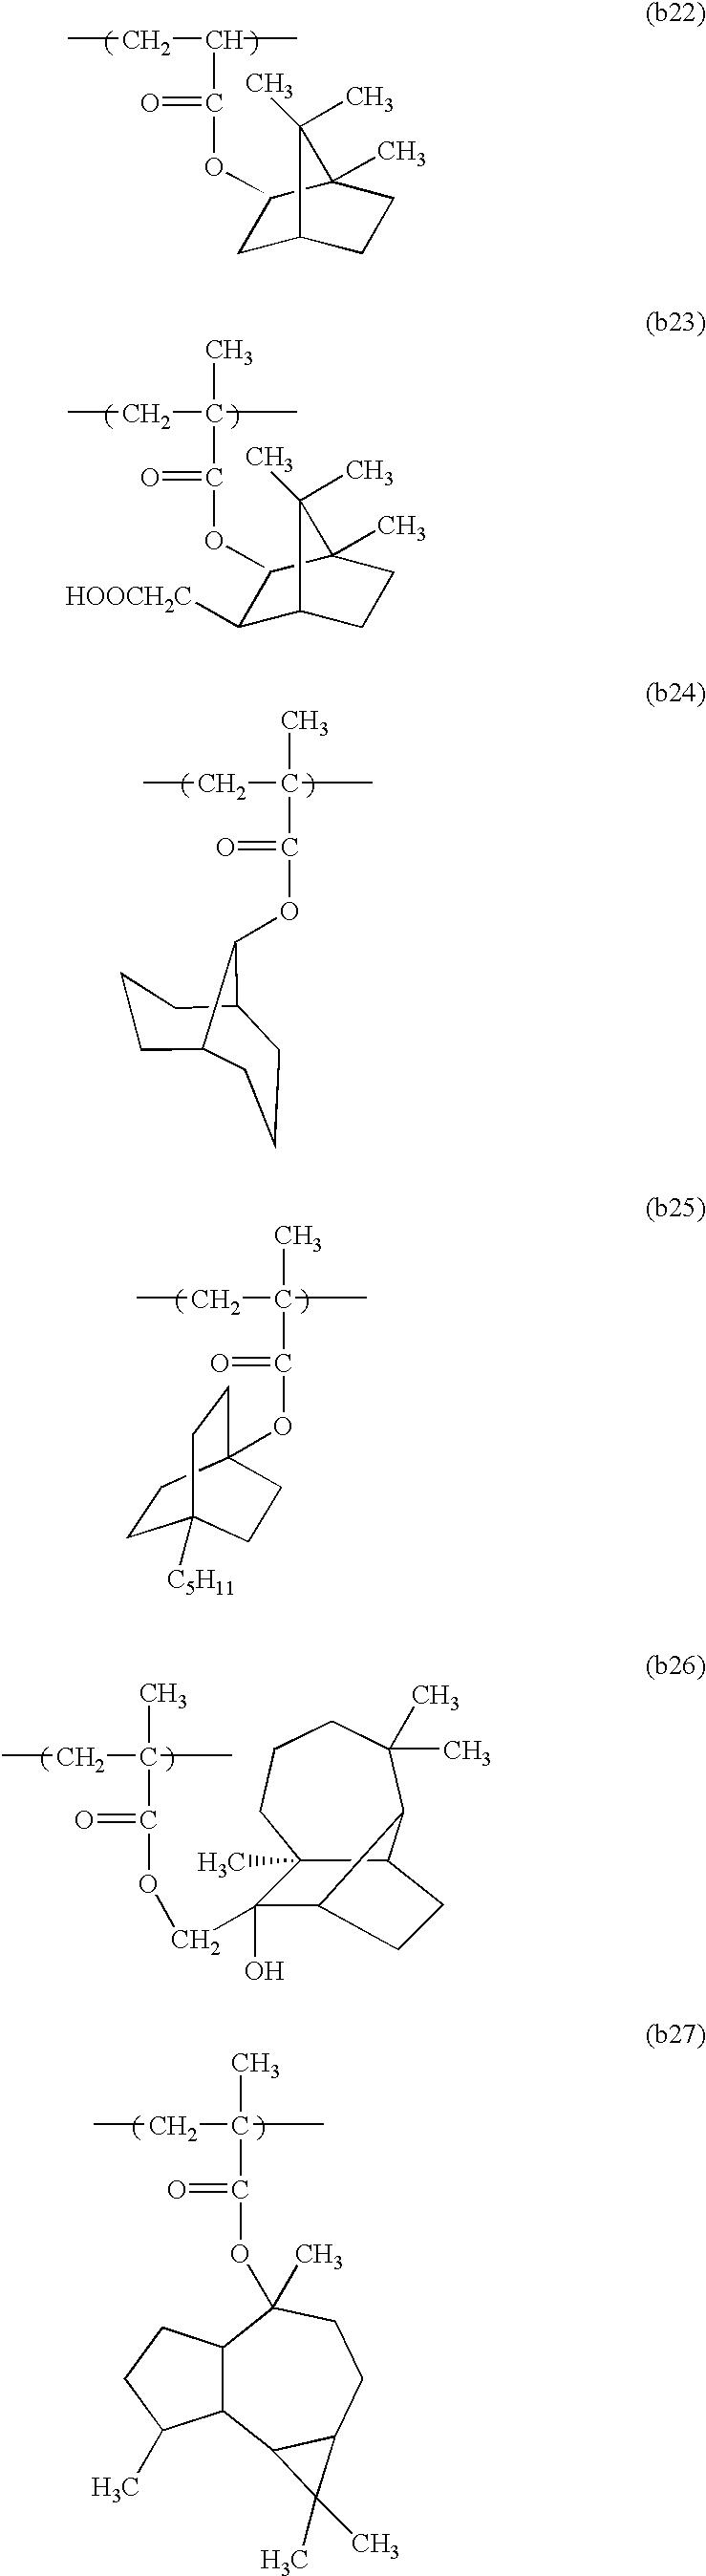 Figure US06492091-20021210-C00058